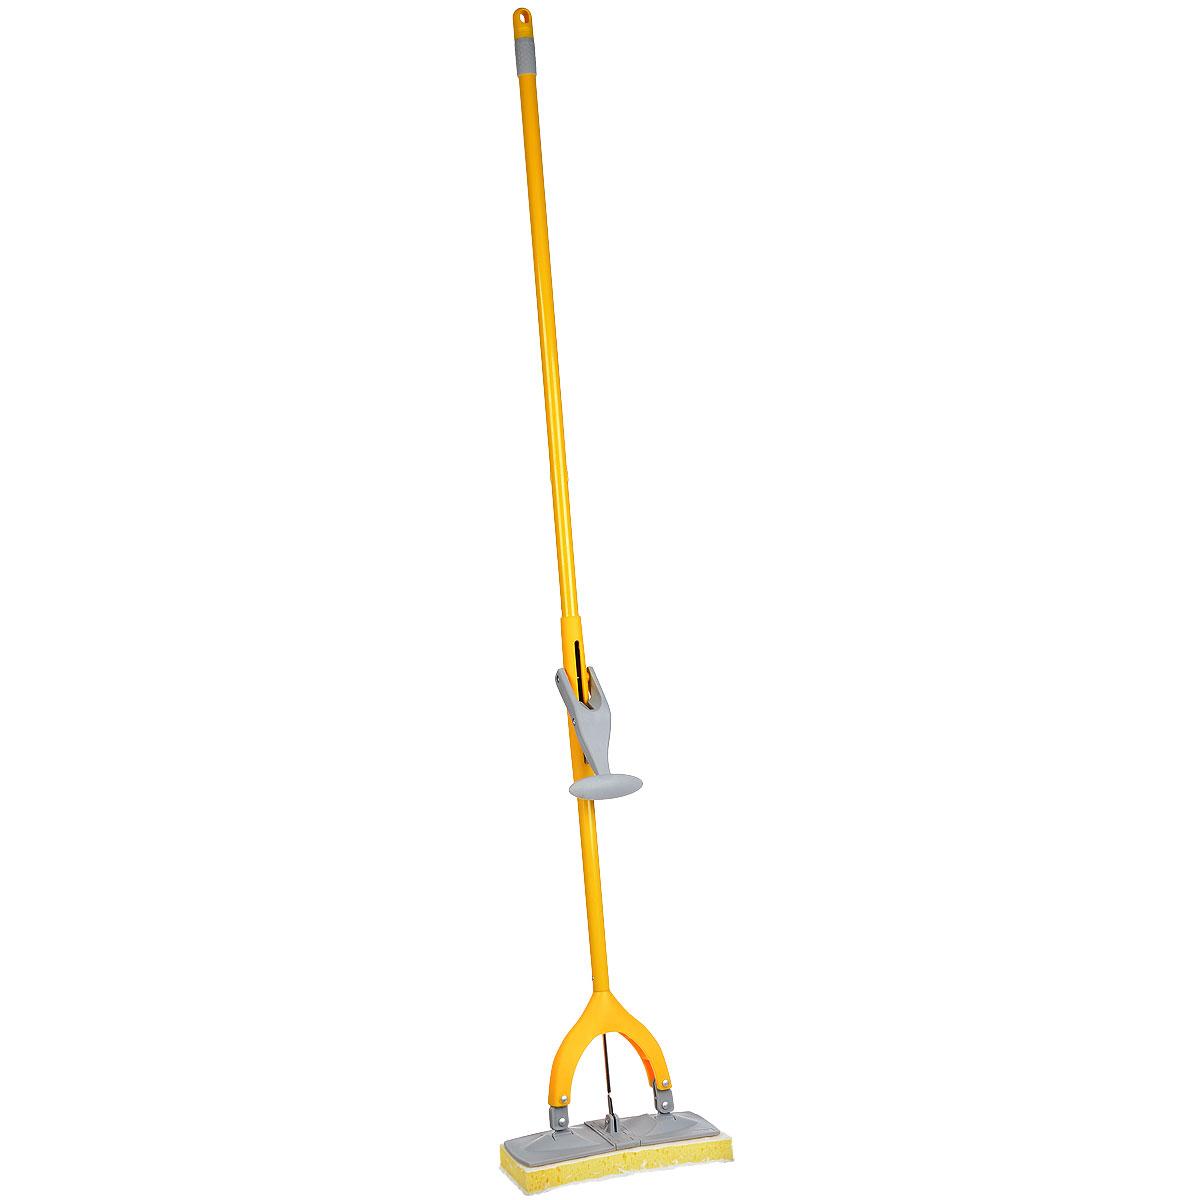 Поломой Apex Squizzo, с отжимом, цвет: серый, желтый10195-A_серыйПоломой Apex Squizzo предназначен для уборки в доме. Насадка, изготовленная из поролона, крепится к стальной трубке. Насадка имеет специальную форму, которая позволяет легко и качественно мыть полы. Специальная система отжима позволяет отжимать воду более эффективно, чем вручную.Размер рабочей поверхности: 27 х 9,5 см.Длина ручки: 135 см.